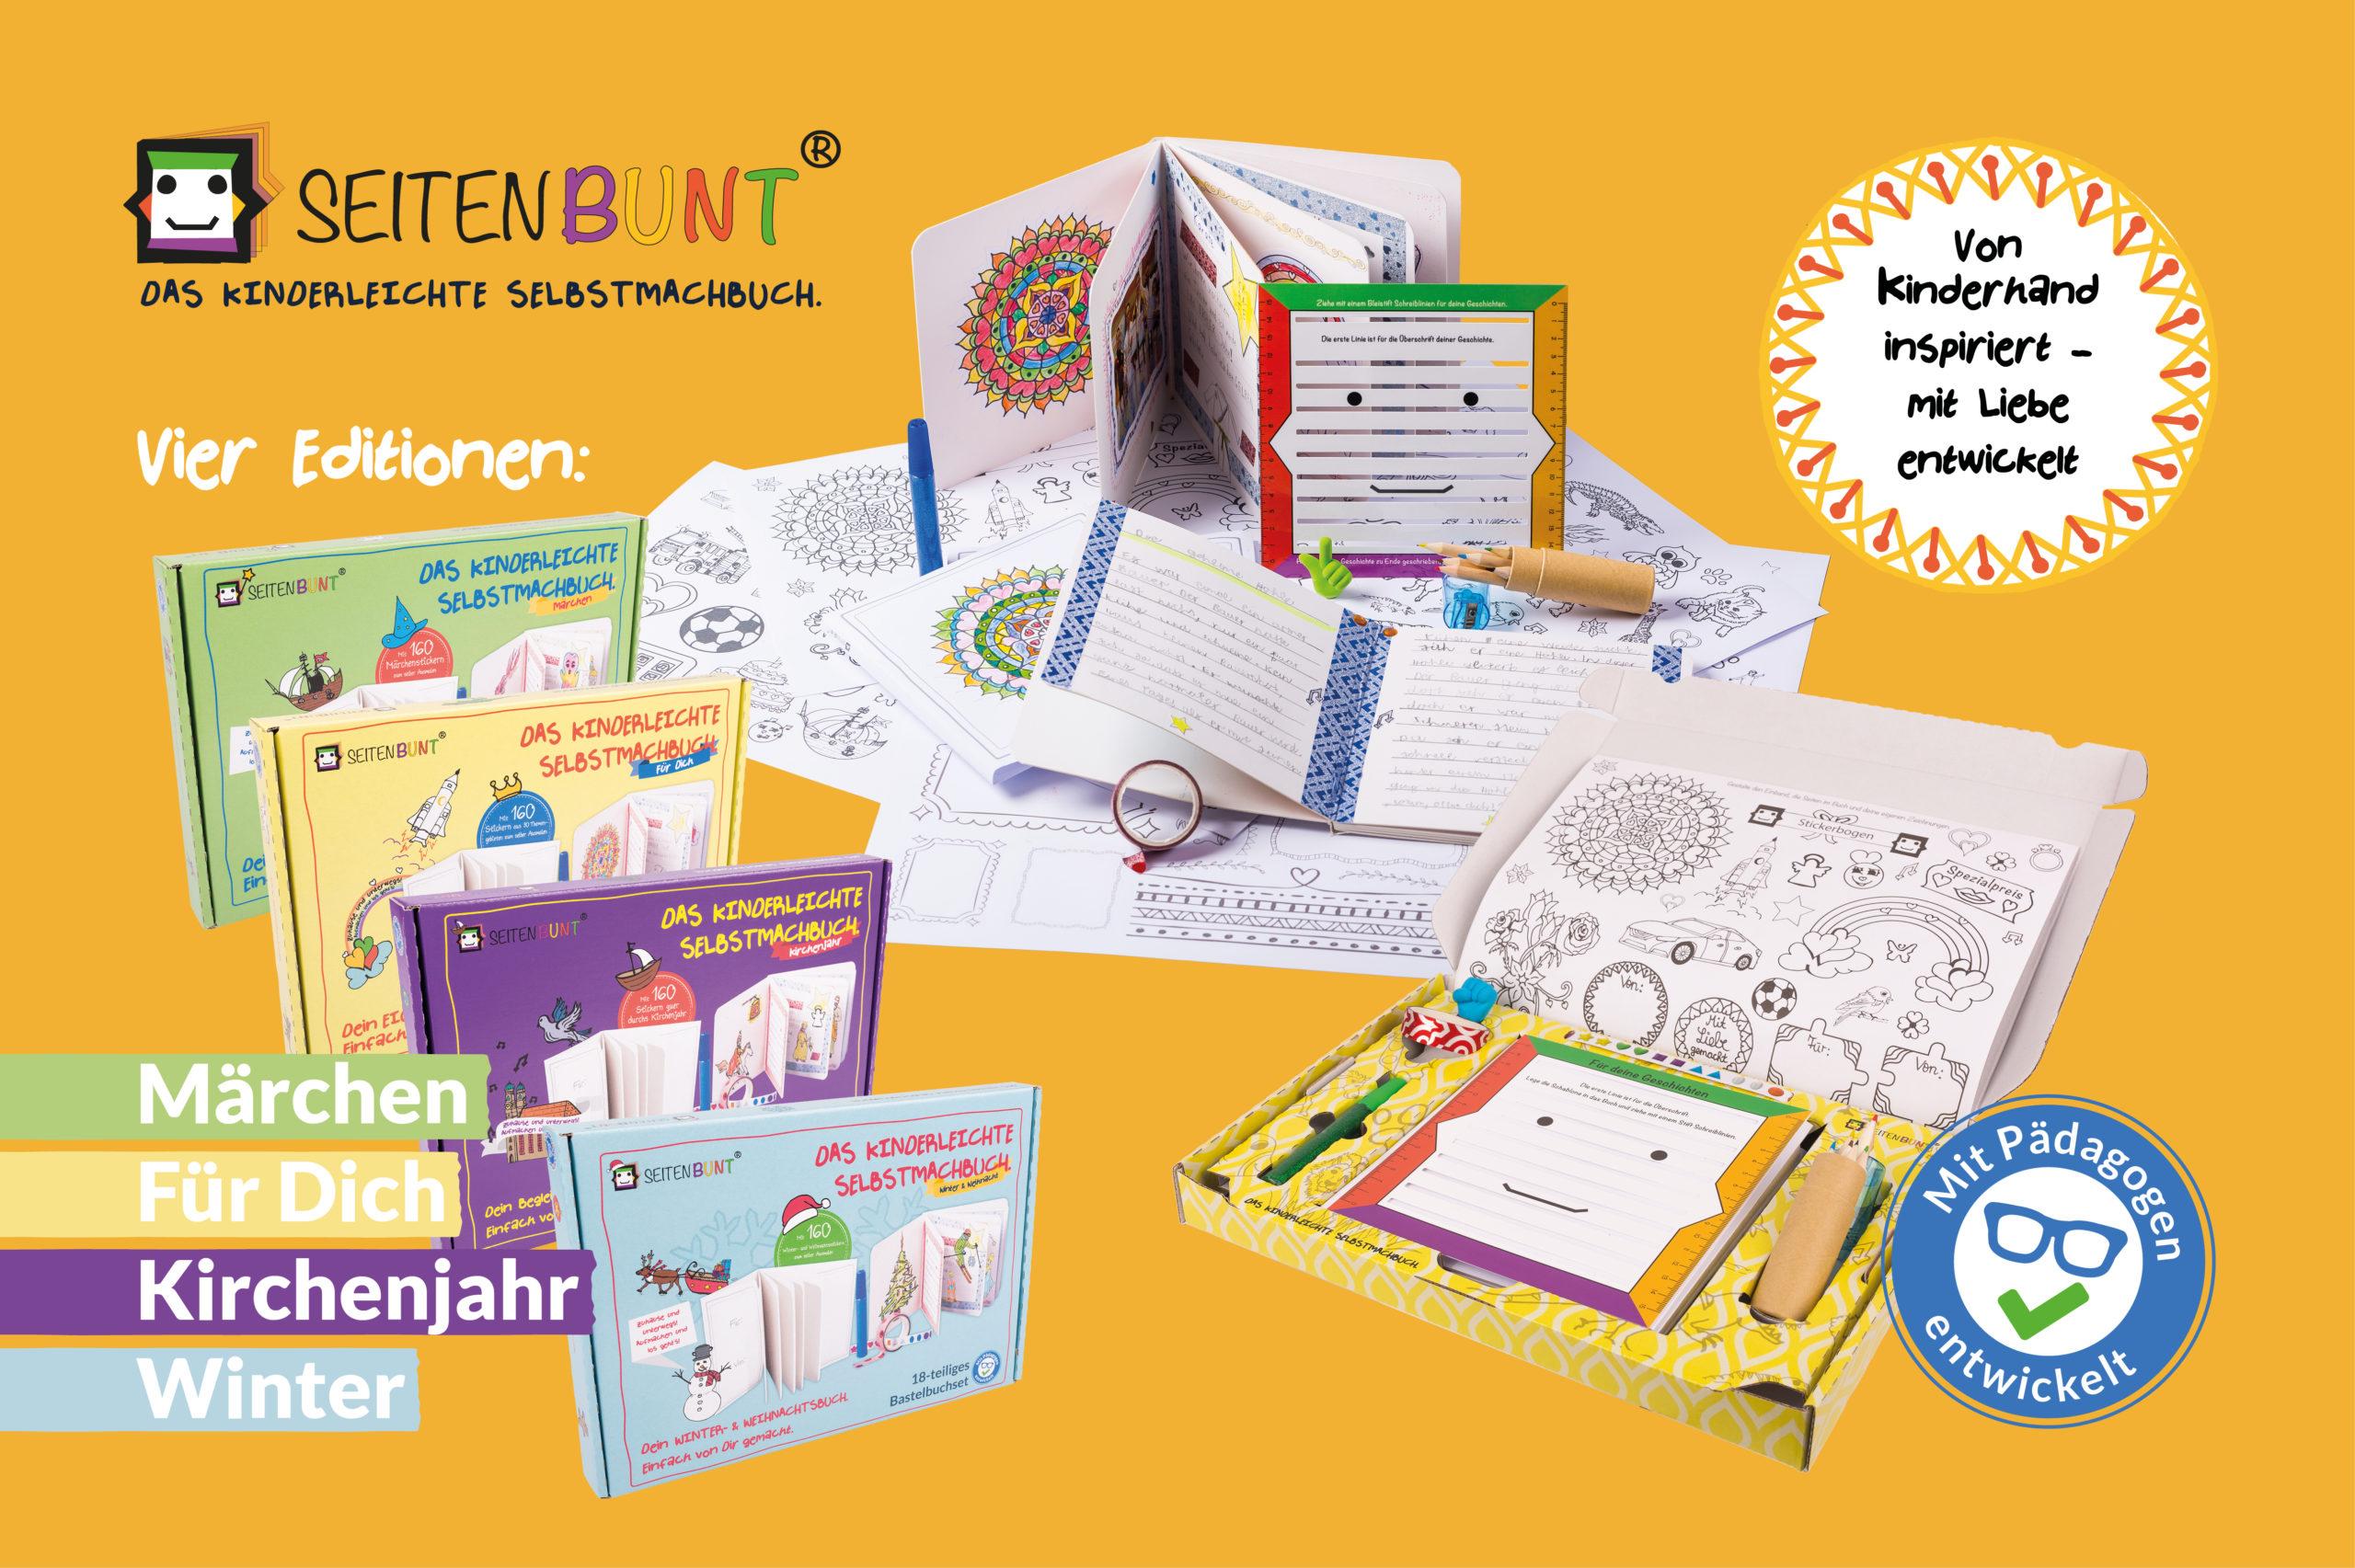 Das kinderleichte Selbstmachbuch gibt es zwischenzeitlich in acht unterschiedlichen Editionen mit den verschiedensten Motiven.